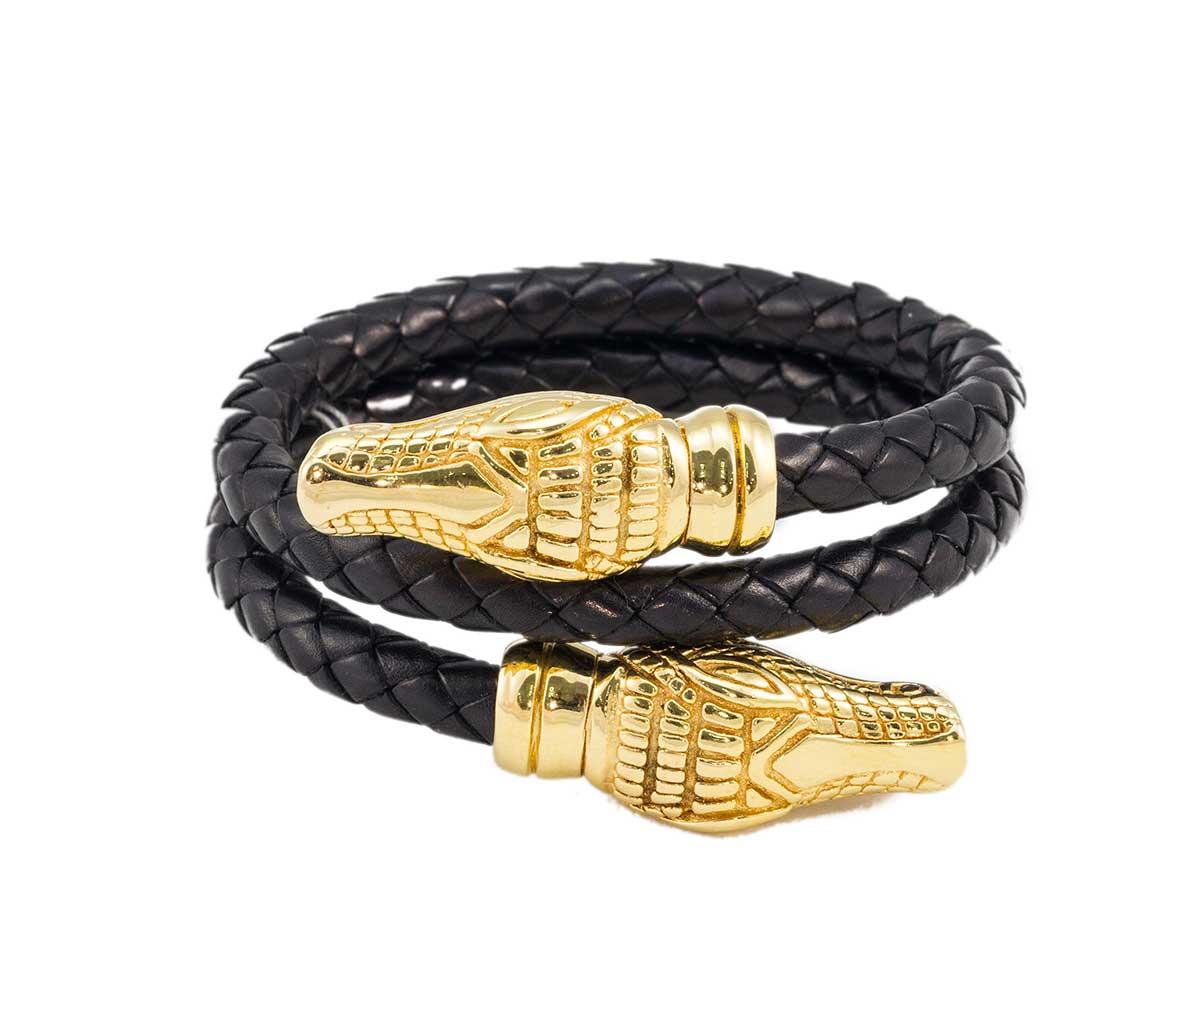 Gold Alligator Head with Black Leather Bracelet